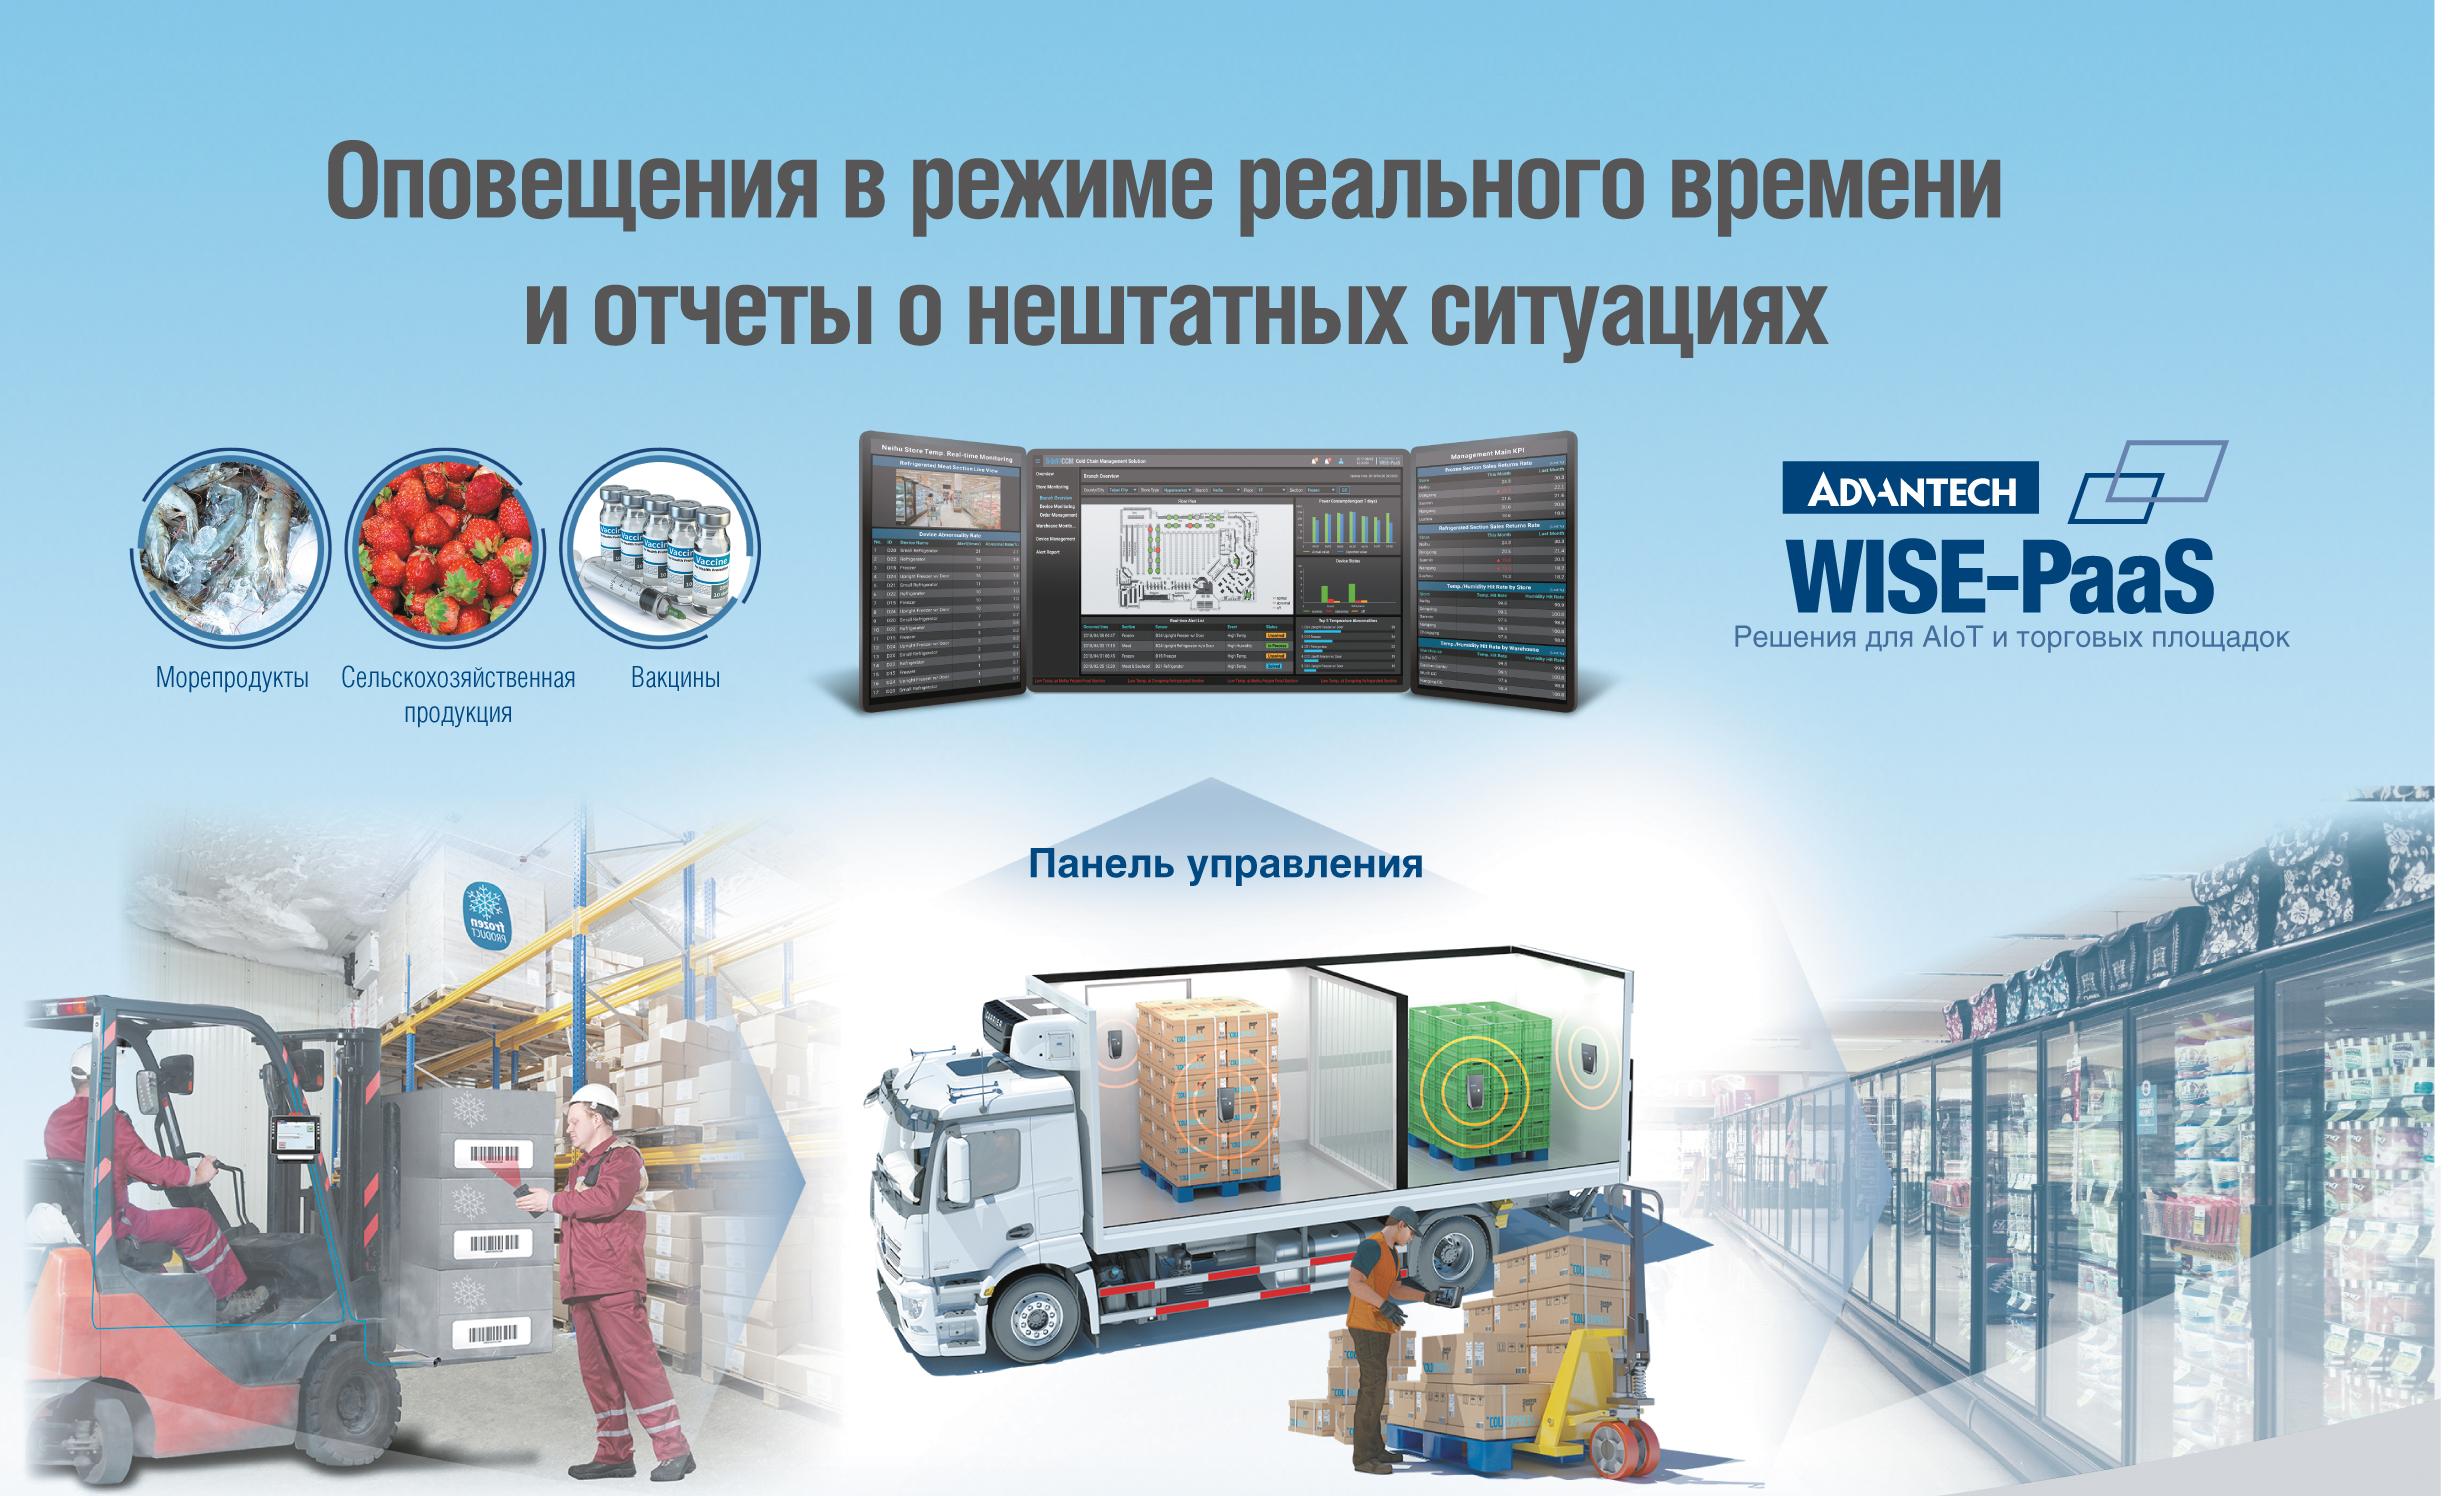 Решение Advantech для бесперебойного управления холодильной цепью